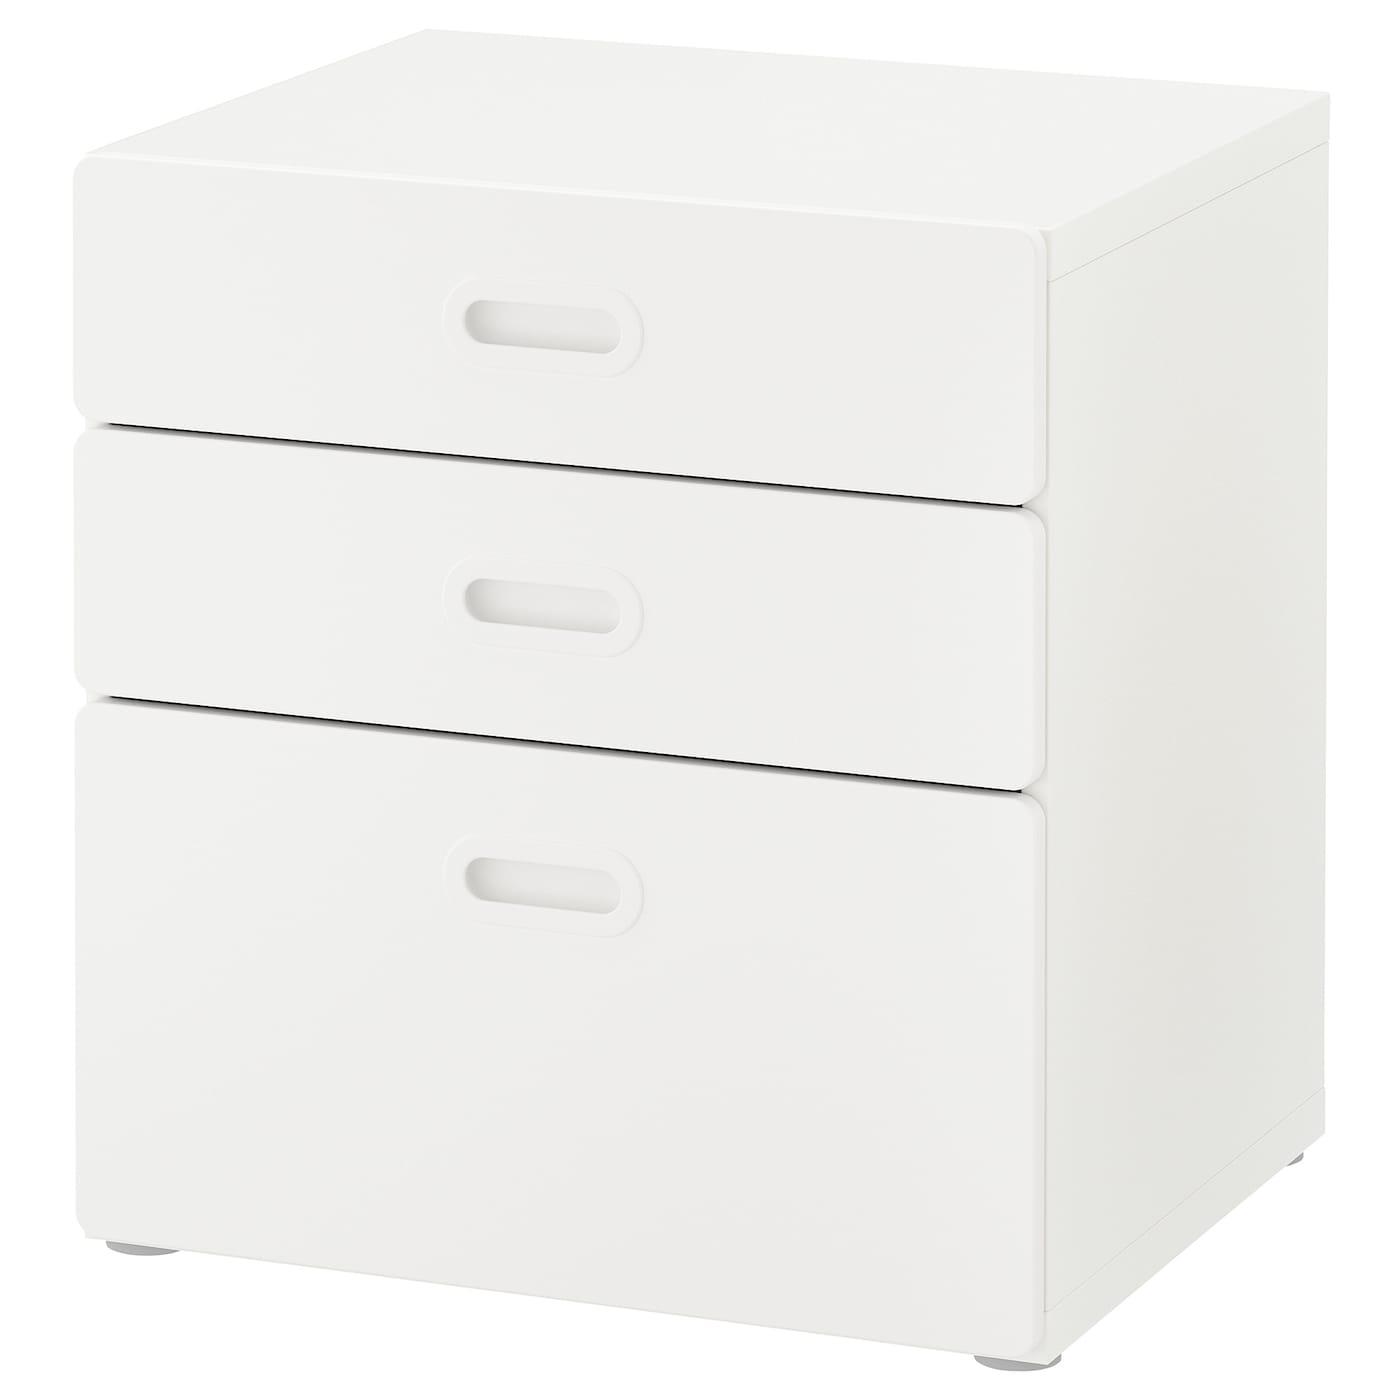 IKEA STUVA biała komoda z trzema białymi szufladami FRITIDS, 60x64 cm